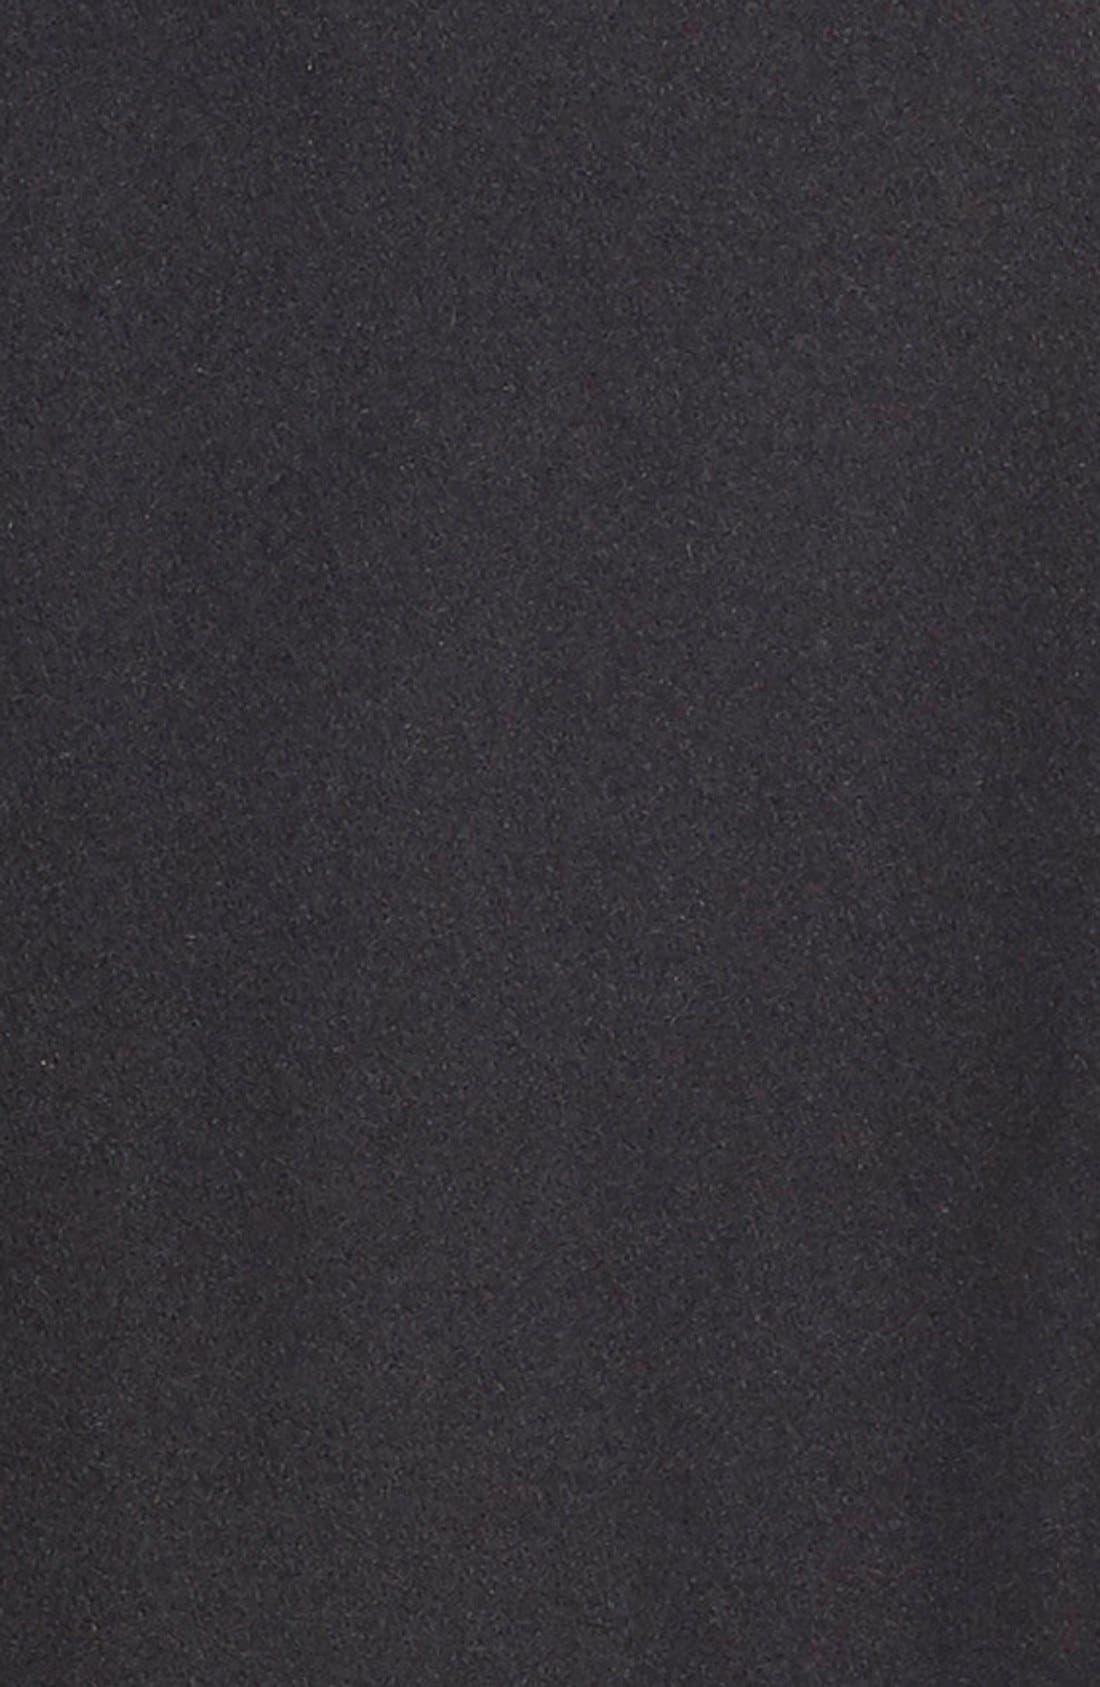 COLE HAAN, Melton Coat, Alternate thumbnail 6, color, 001